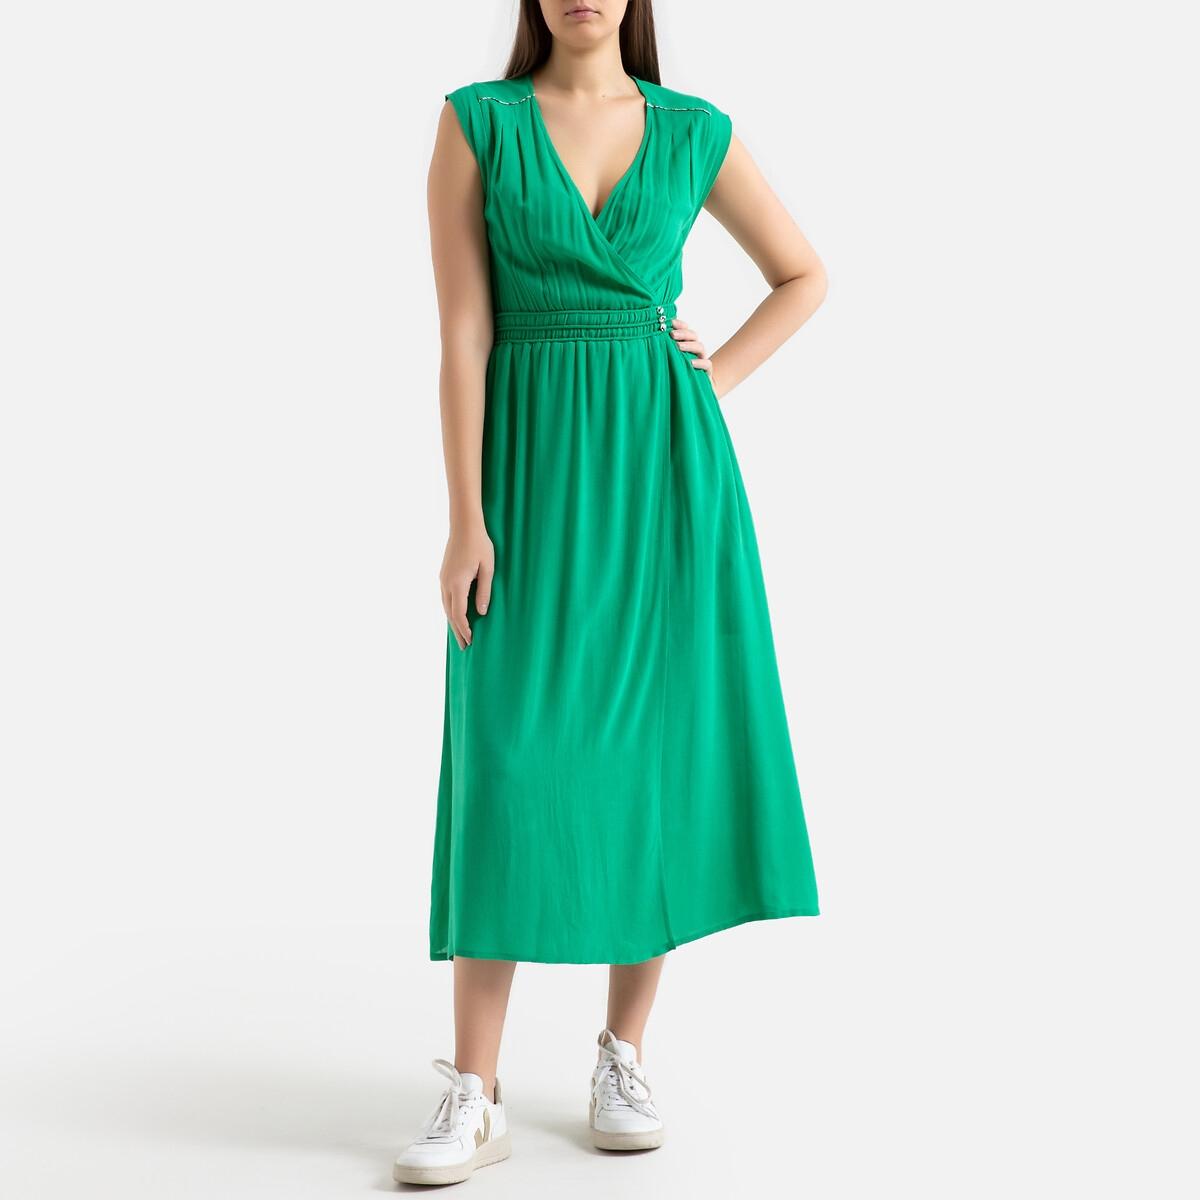 Платье La Redoute Длинное без рукавов CERES 0(XS) зеленый